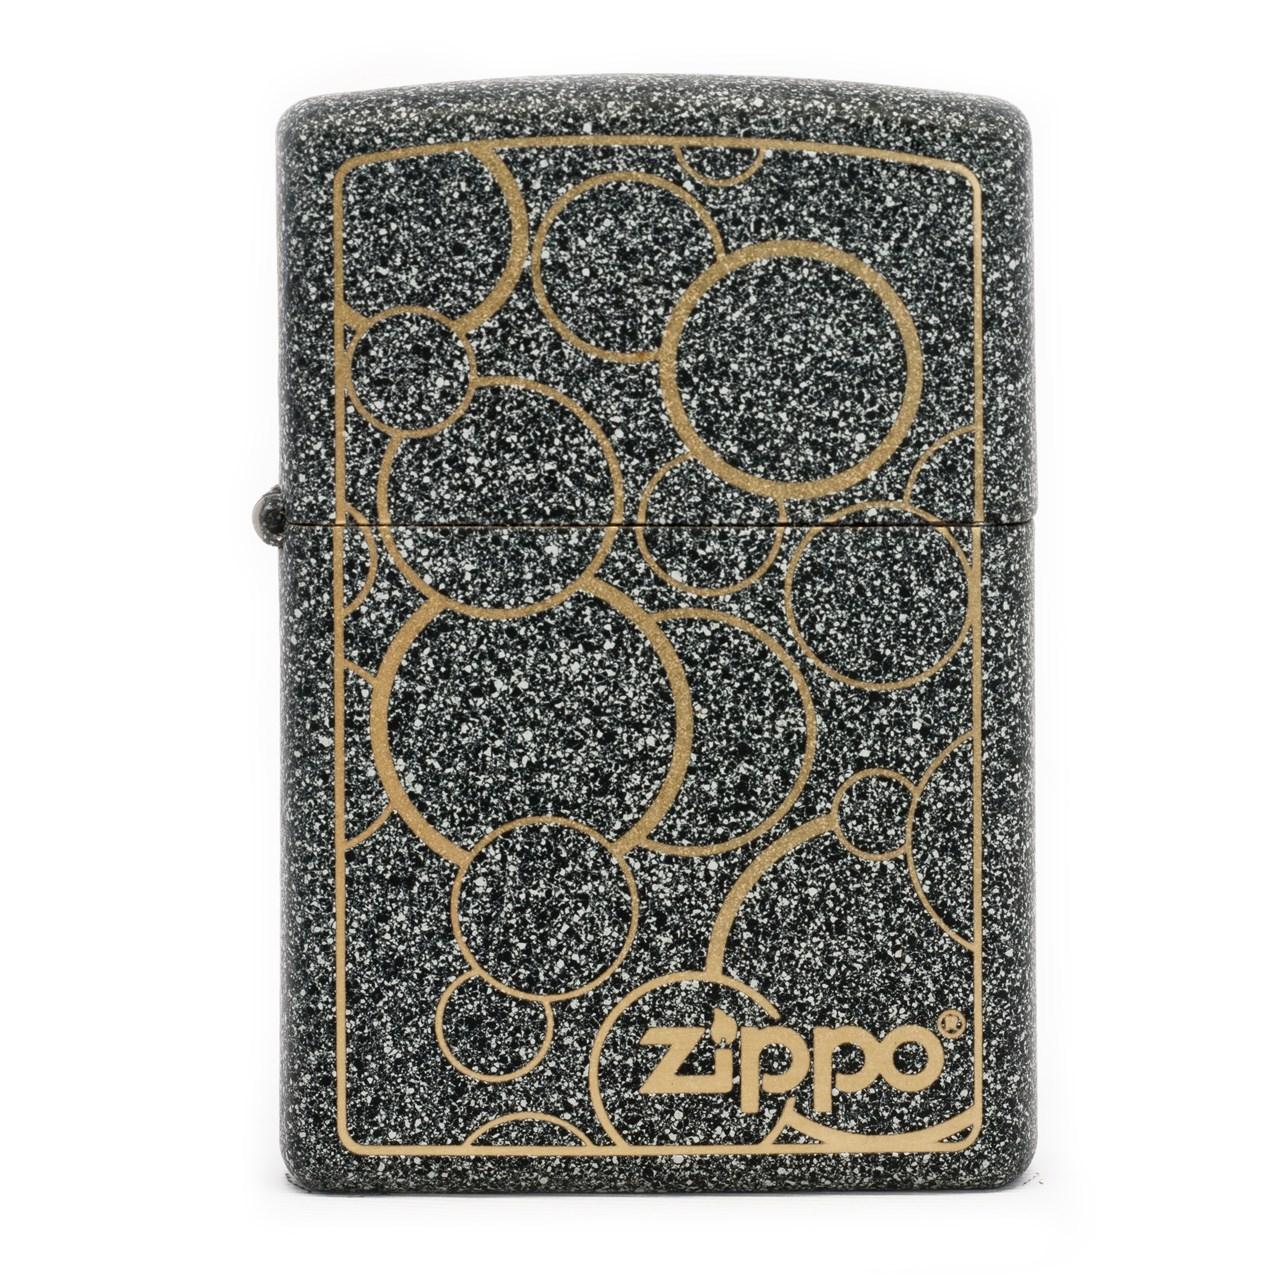 فندک زیپو مدل Zippo And Bubbles کد 29468